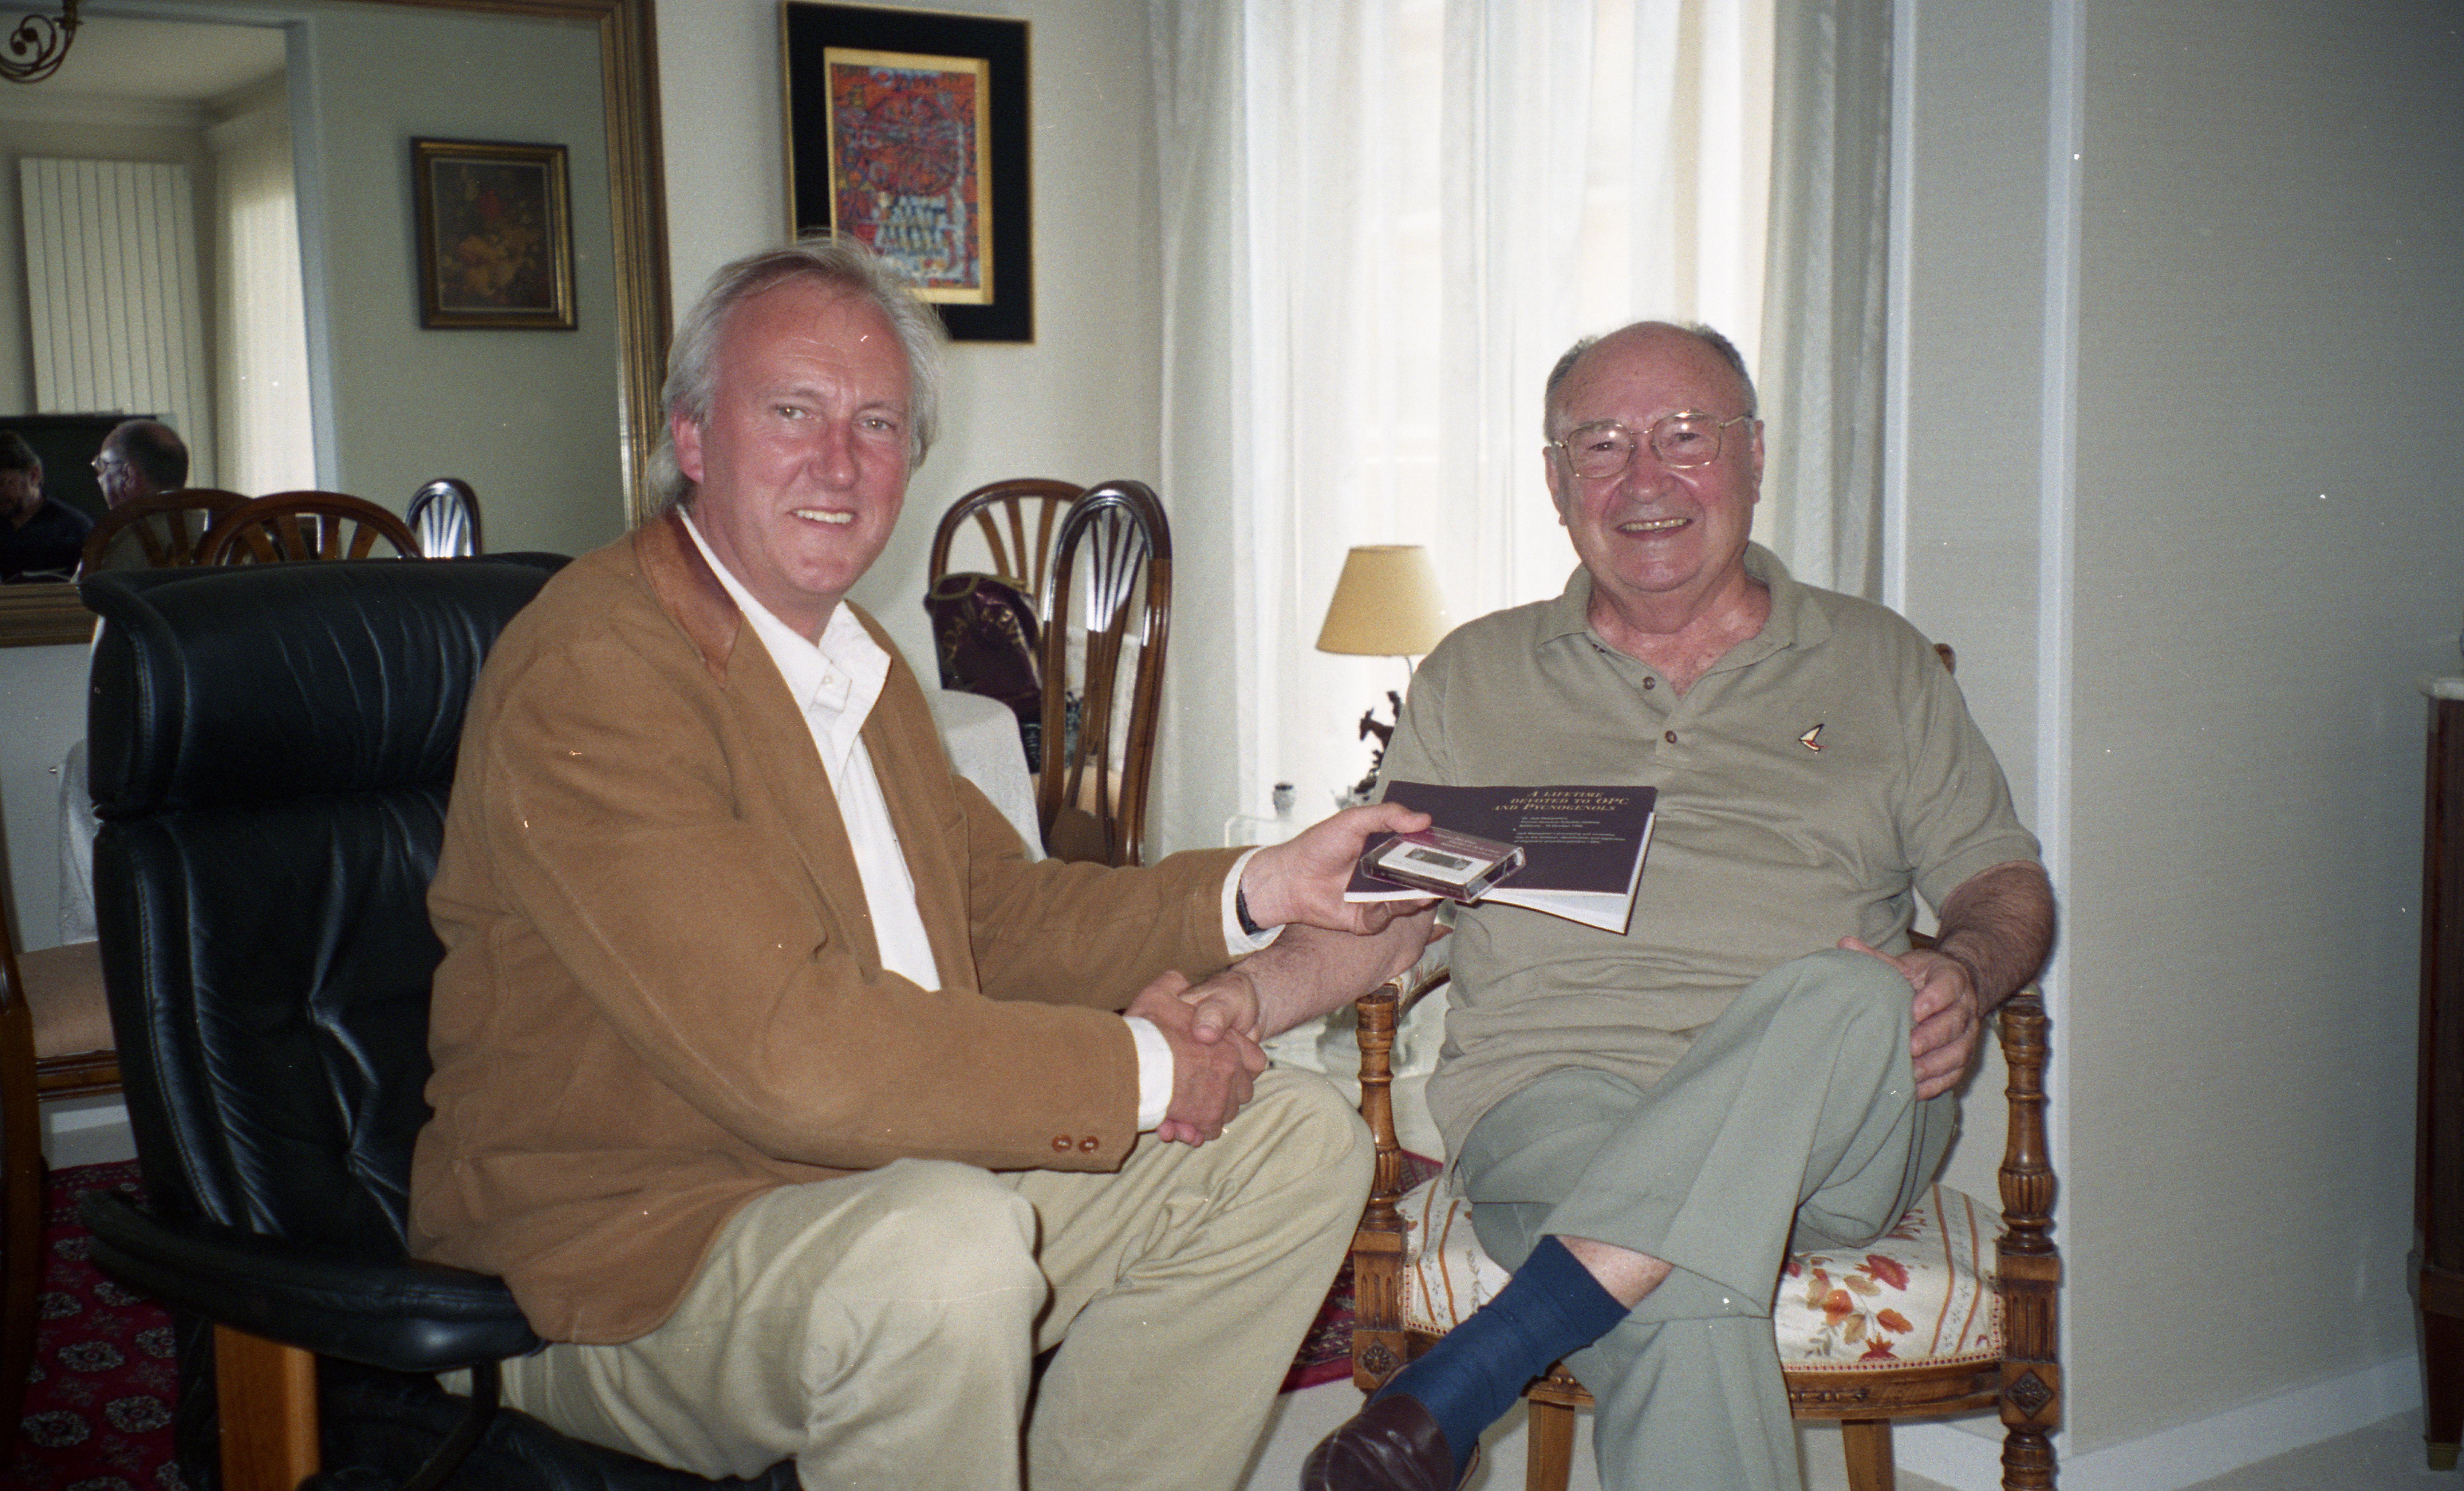 Dr. Jack Masquelier & Dr. Bert Schwitters erläutern die Wirkung von OPCs auf Masqueliersopcs.com/de.